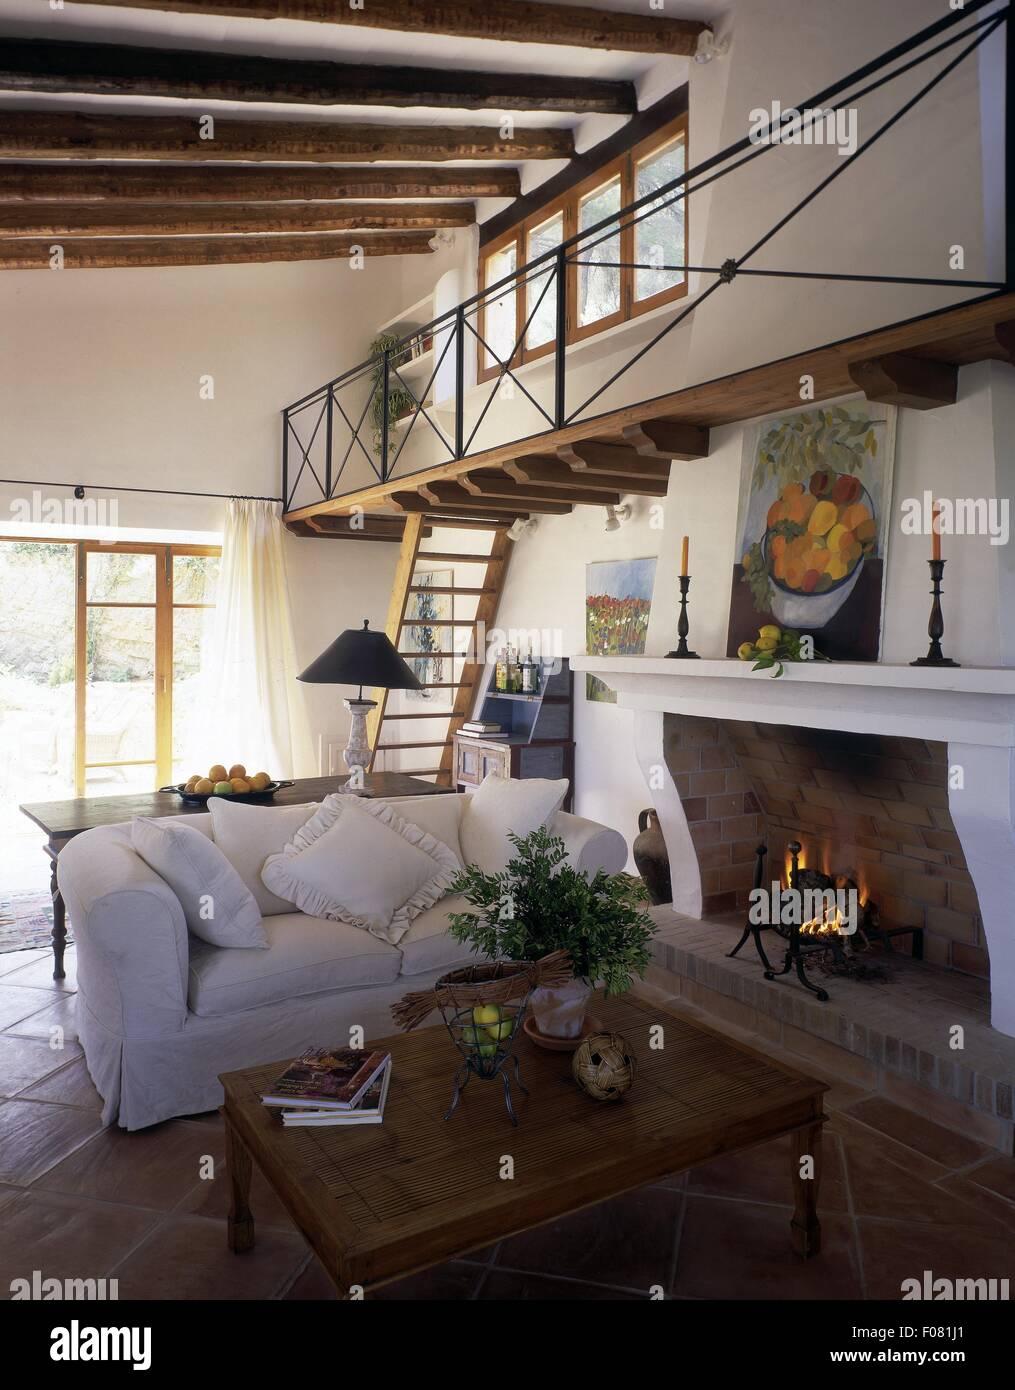 Soffitto Travi A Vista soggiorno con soffitto con travi a vista, scale, divano